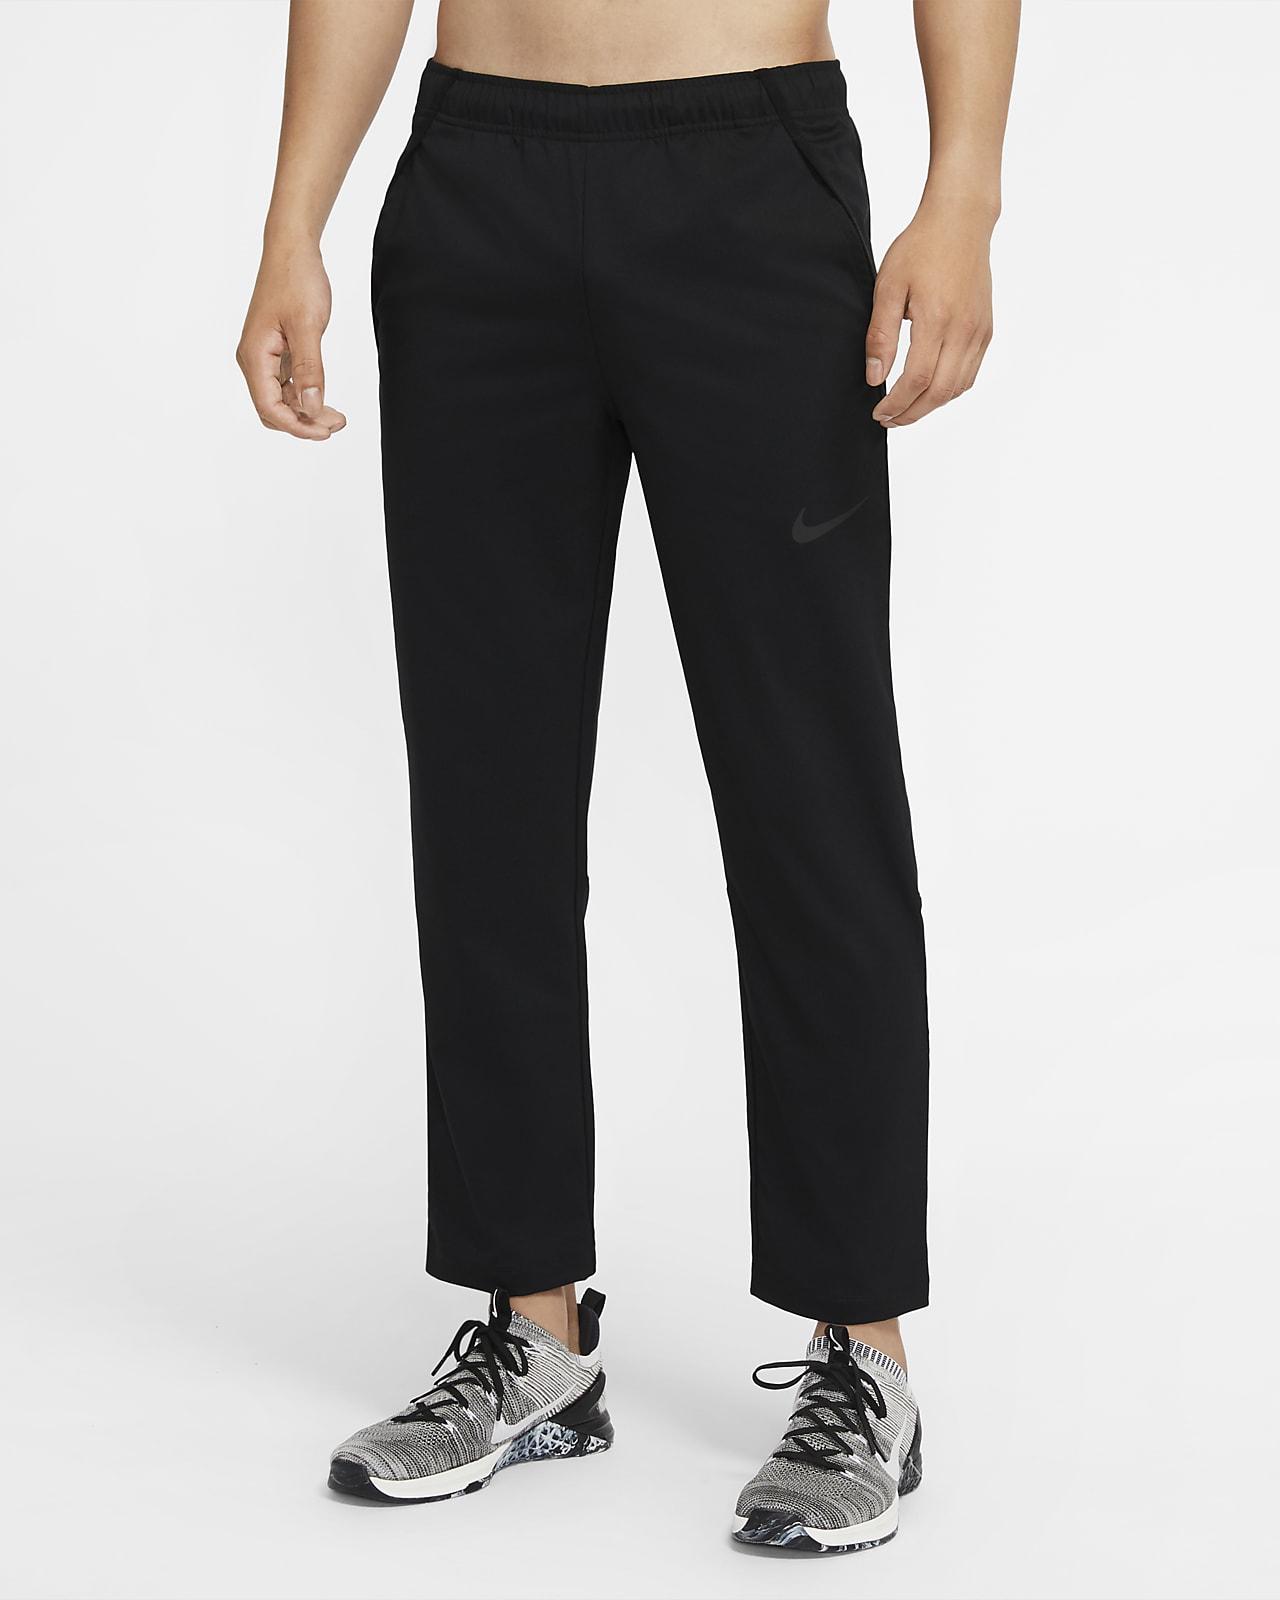 Nike Dri-FIT Men's Woven Training Trousers